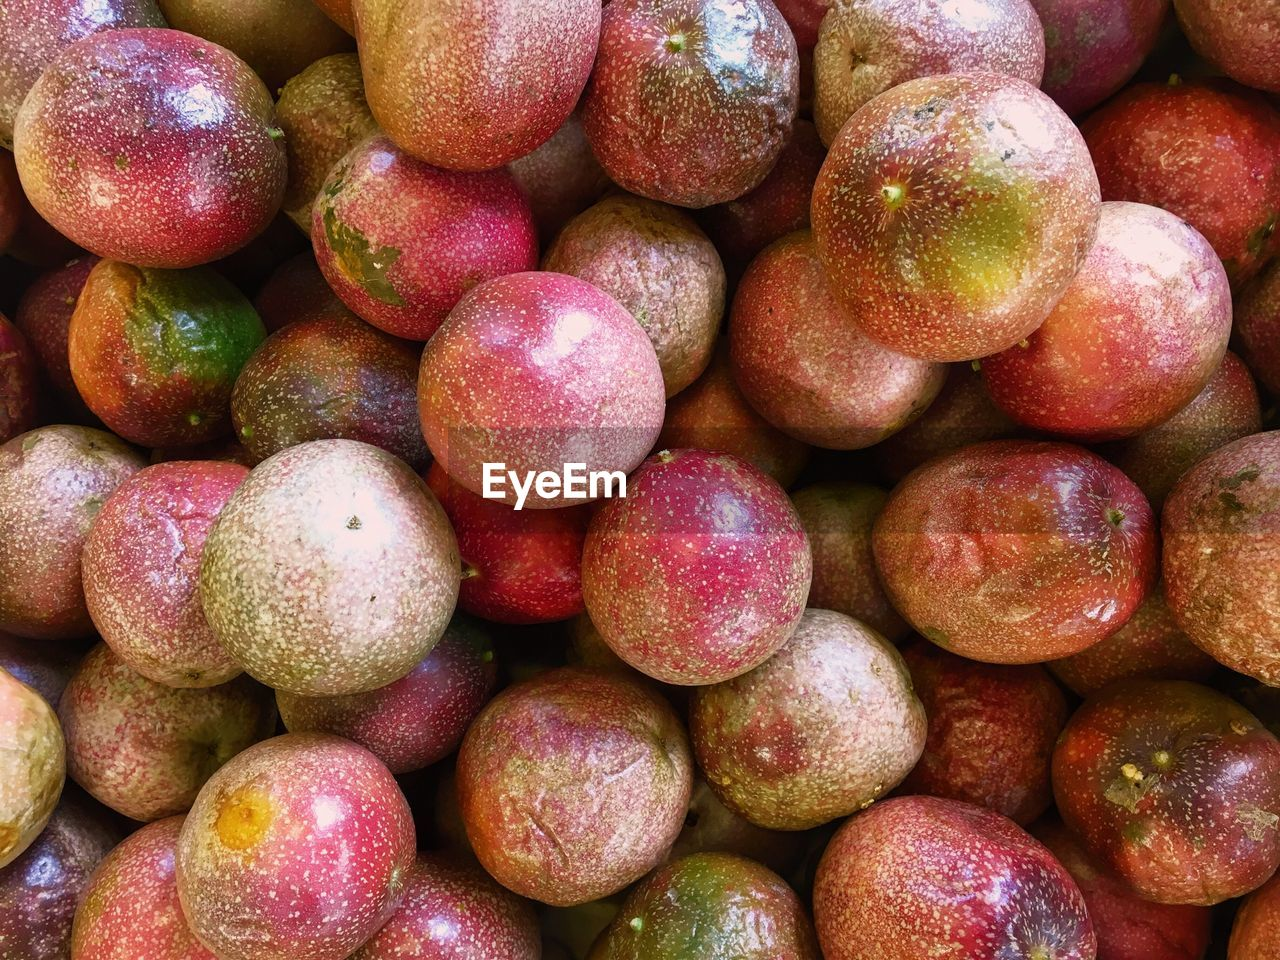 FULL FRAME SHOT OF FRESH FRUITS IN MARKET